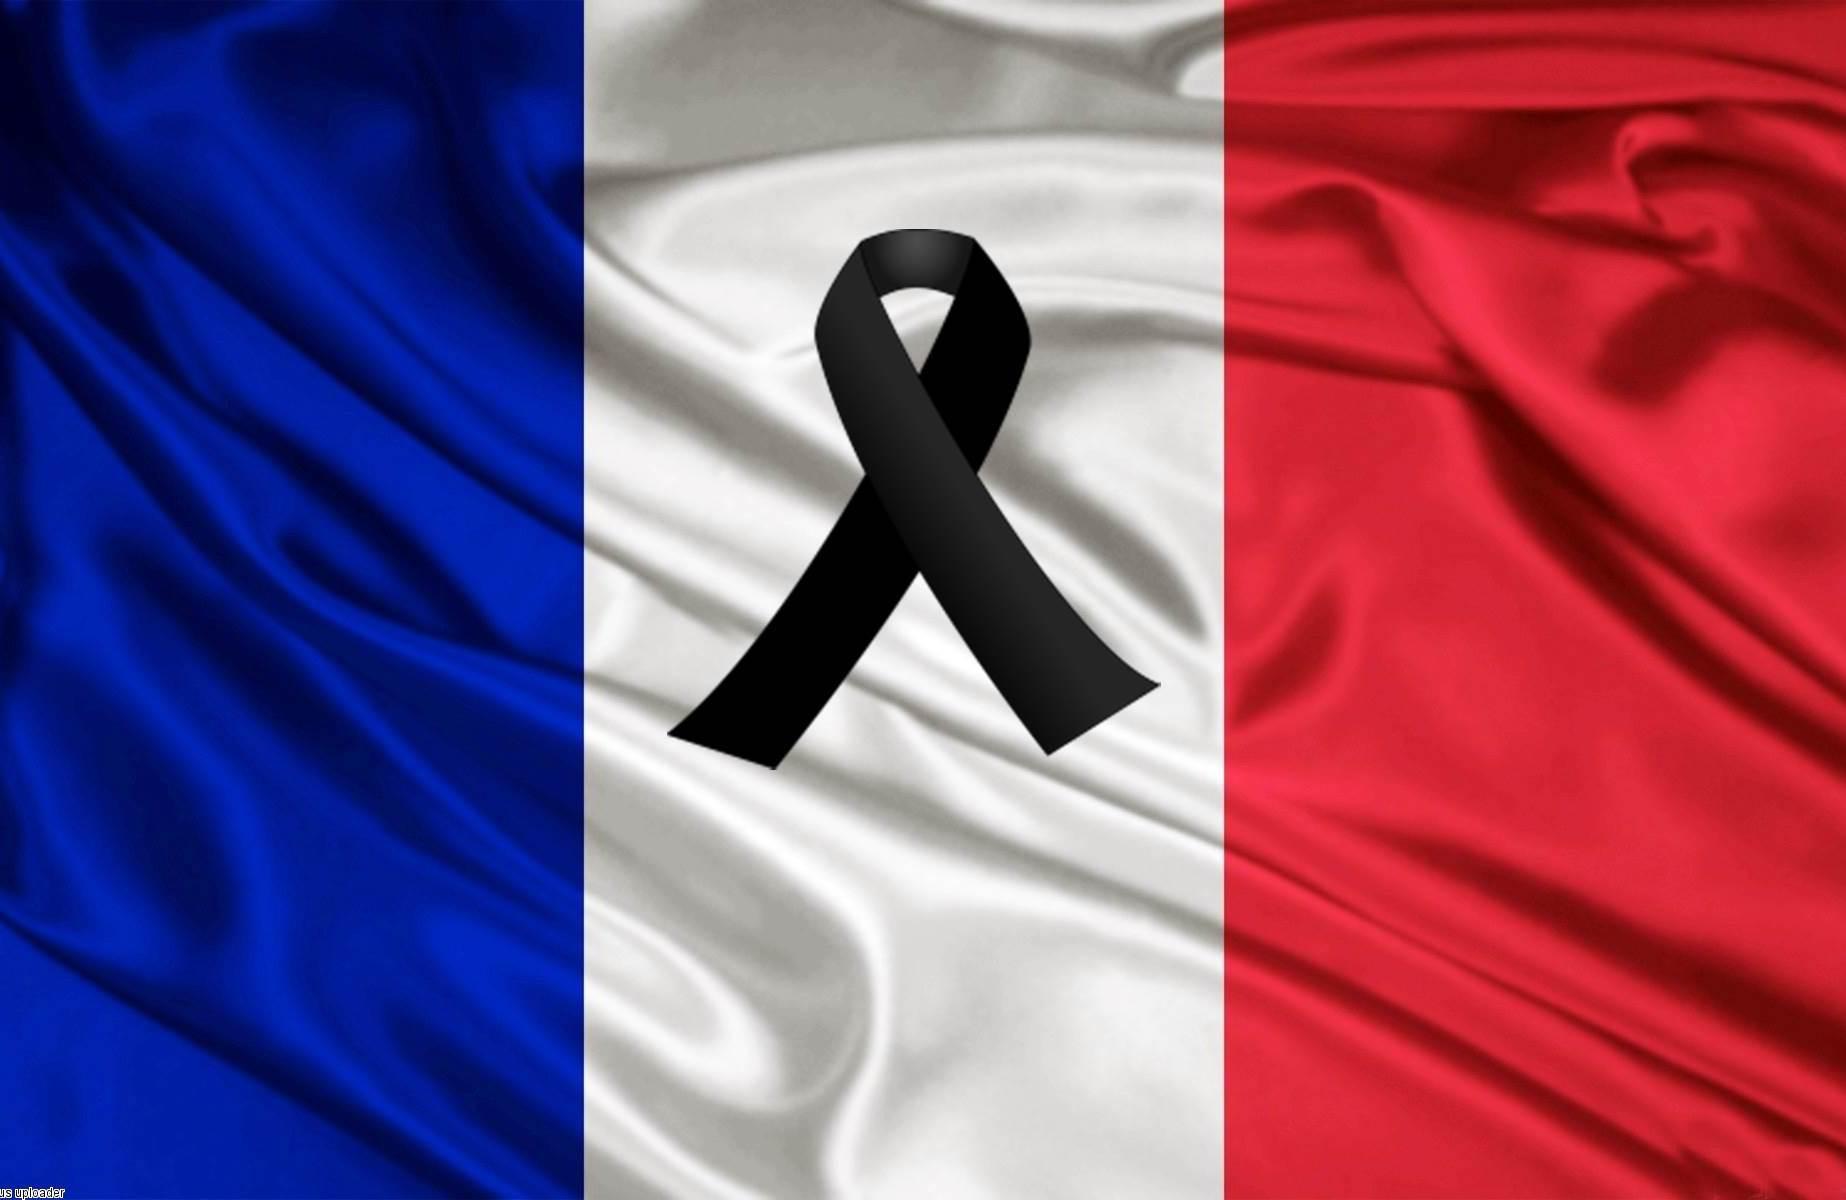 Bandiera Francese A Lutto Alle Trifore Di Palazzo Pubblico Il